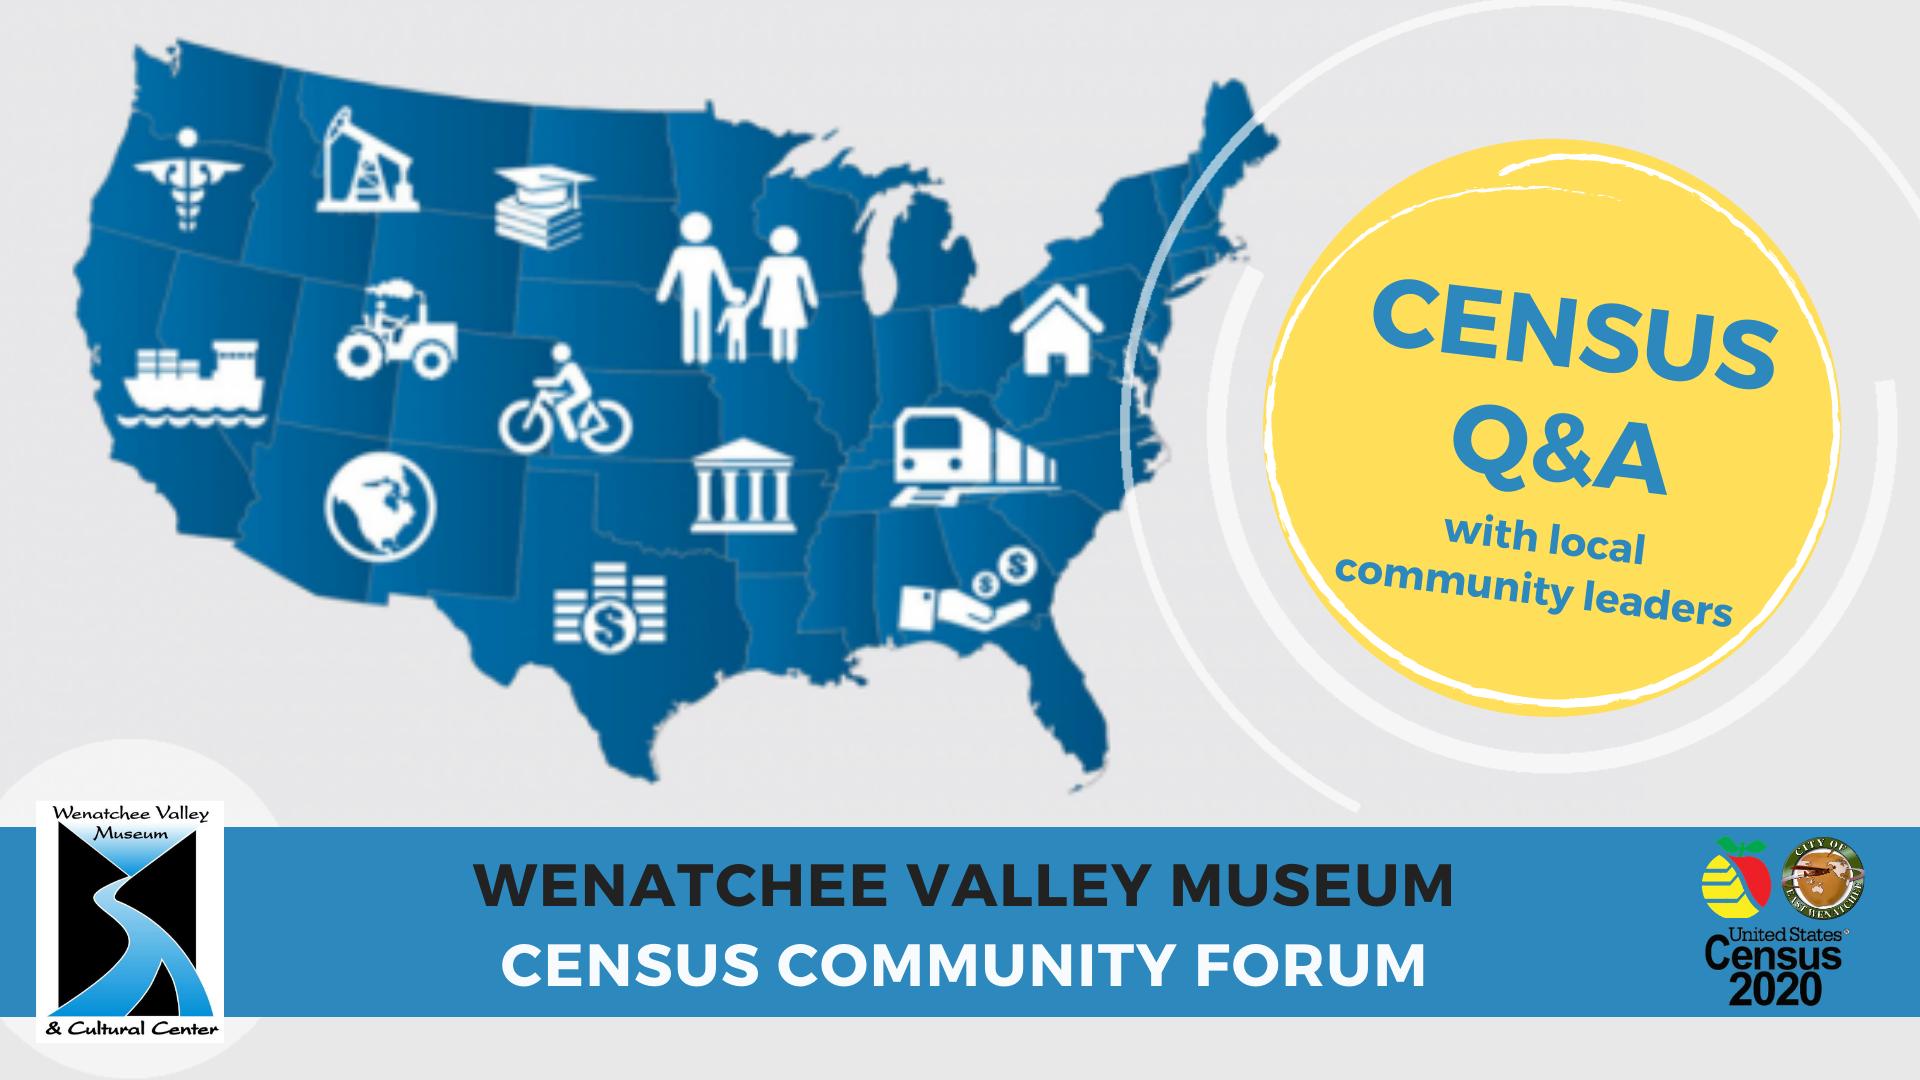 Census Q&A Session